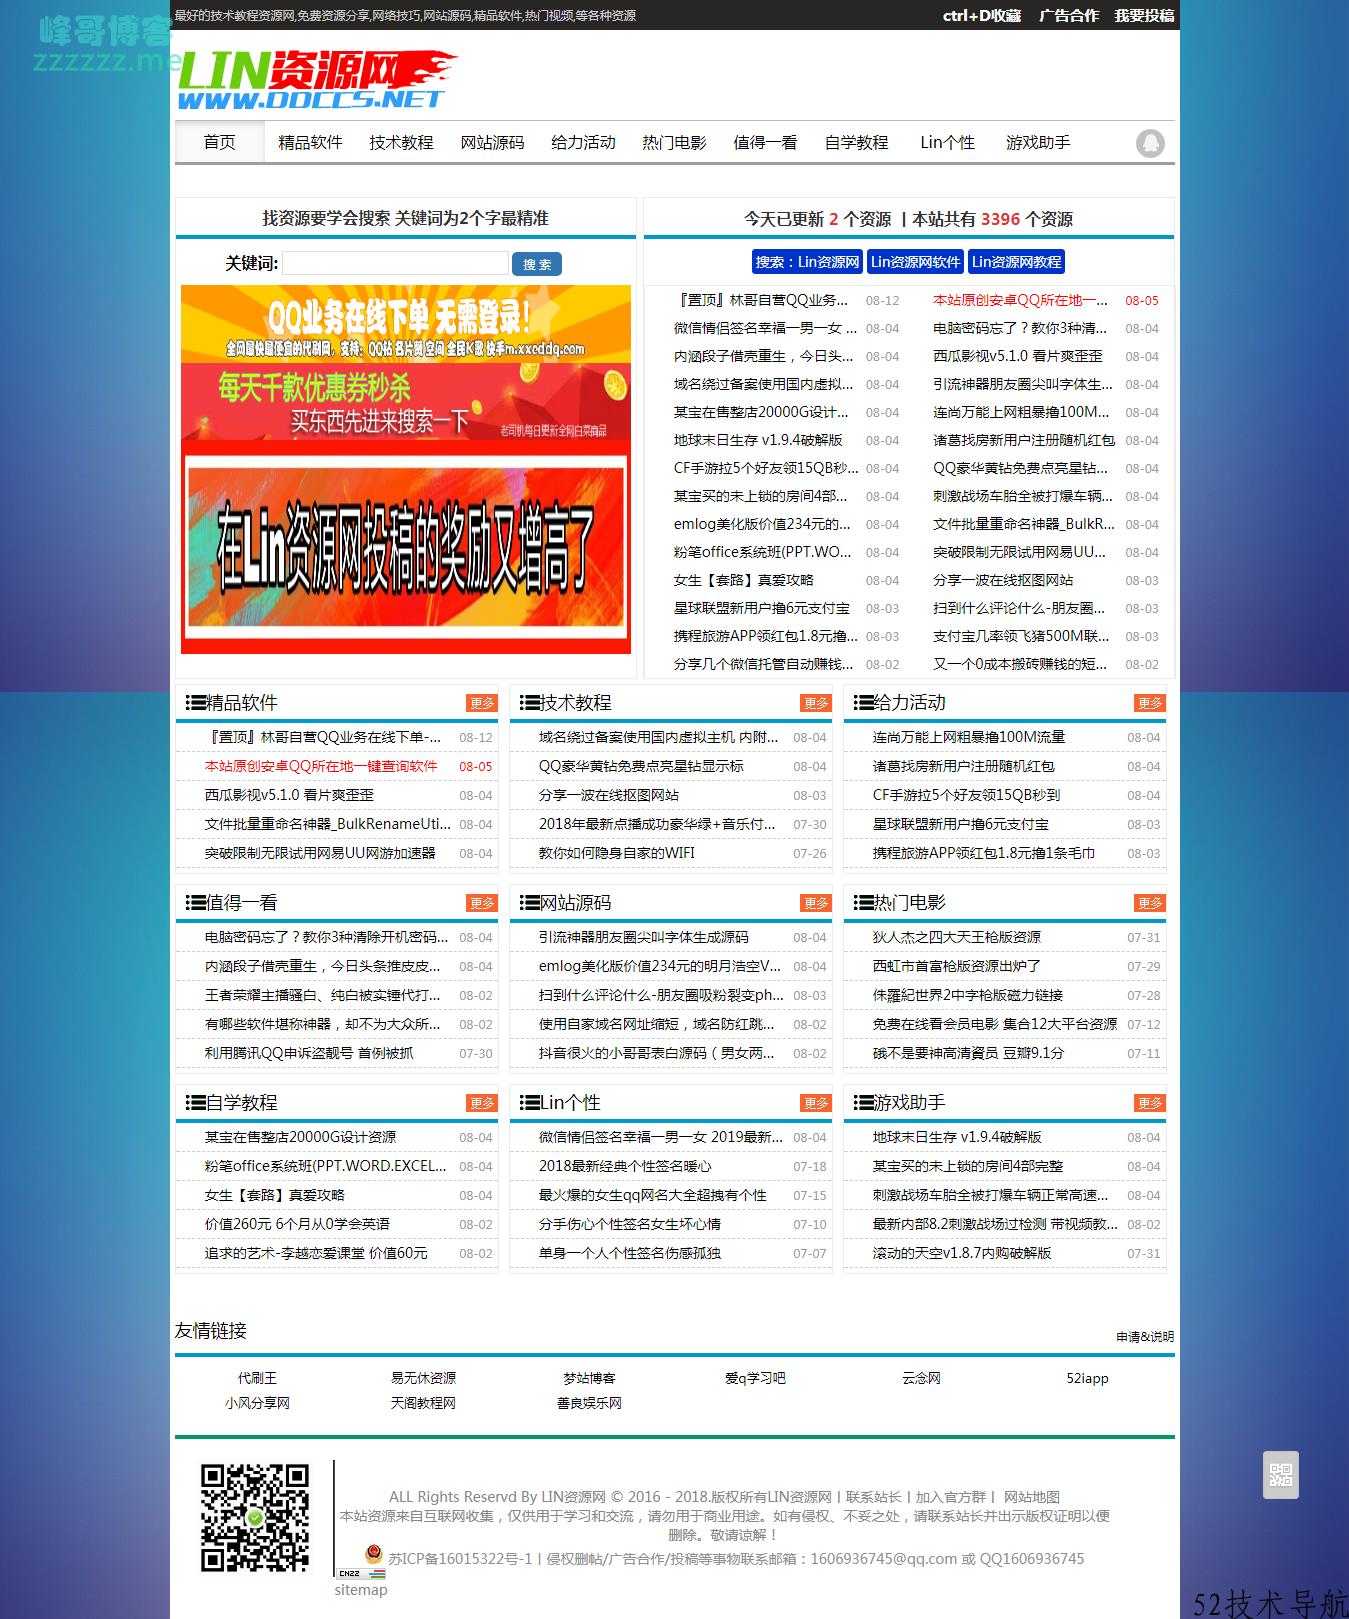 Emlog模板 仿Lin资源网主题模板 适合做娱乐资源教程等网站 含手机版